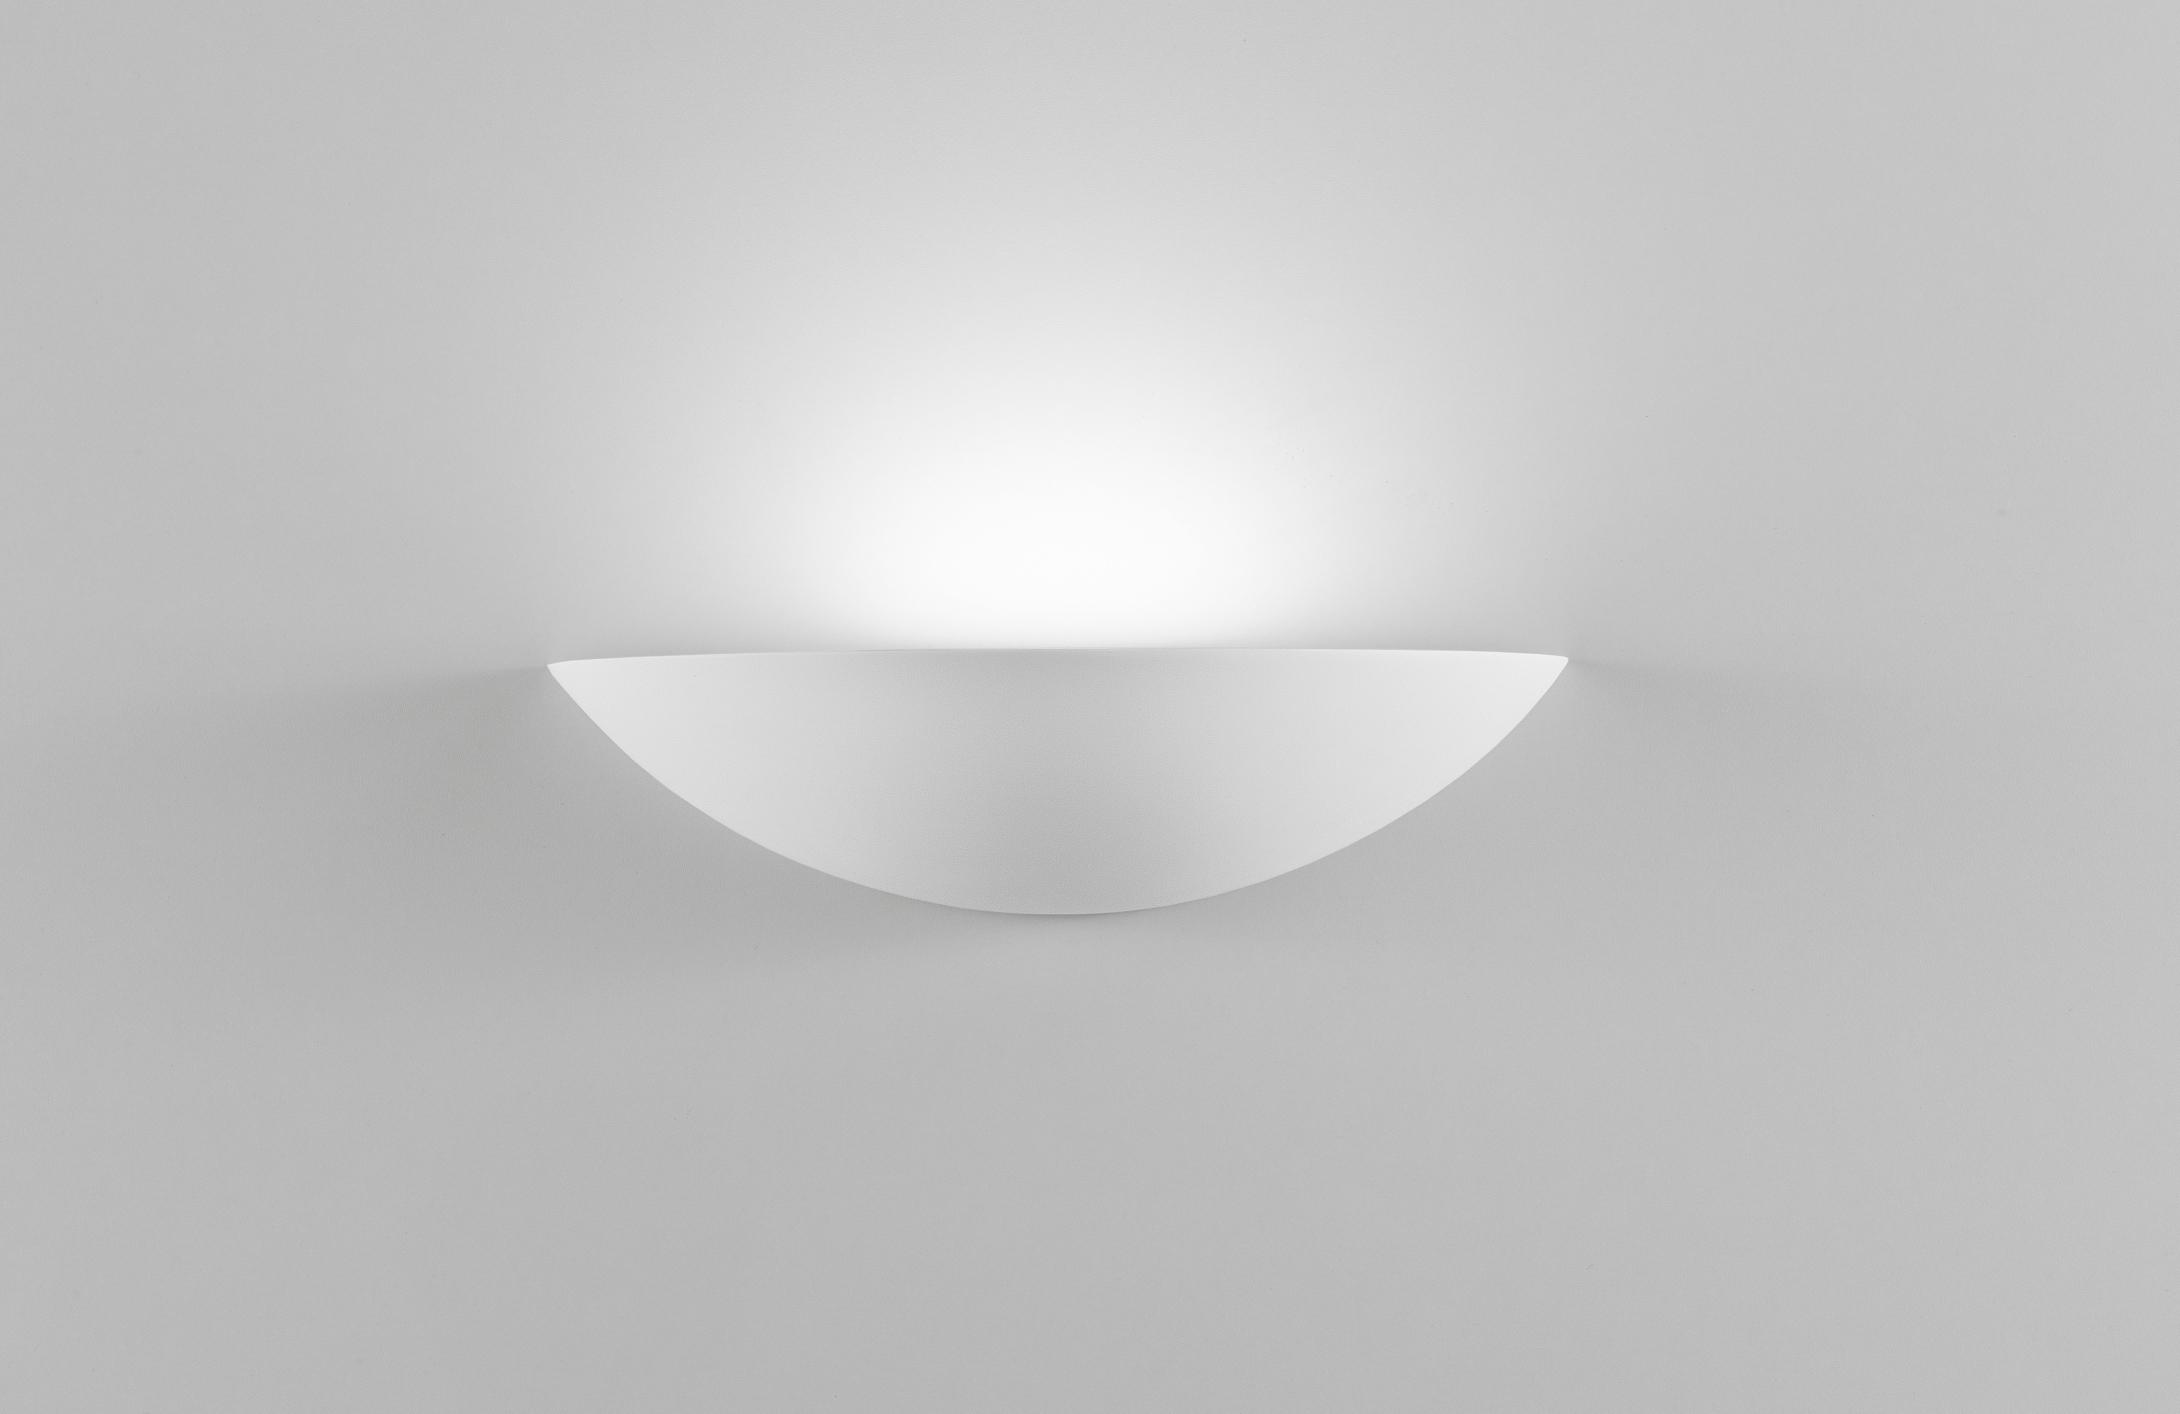 Plafoniere Da Muro A Led : Applique a led da parete good w wall light moderna up down